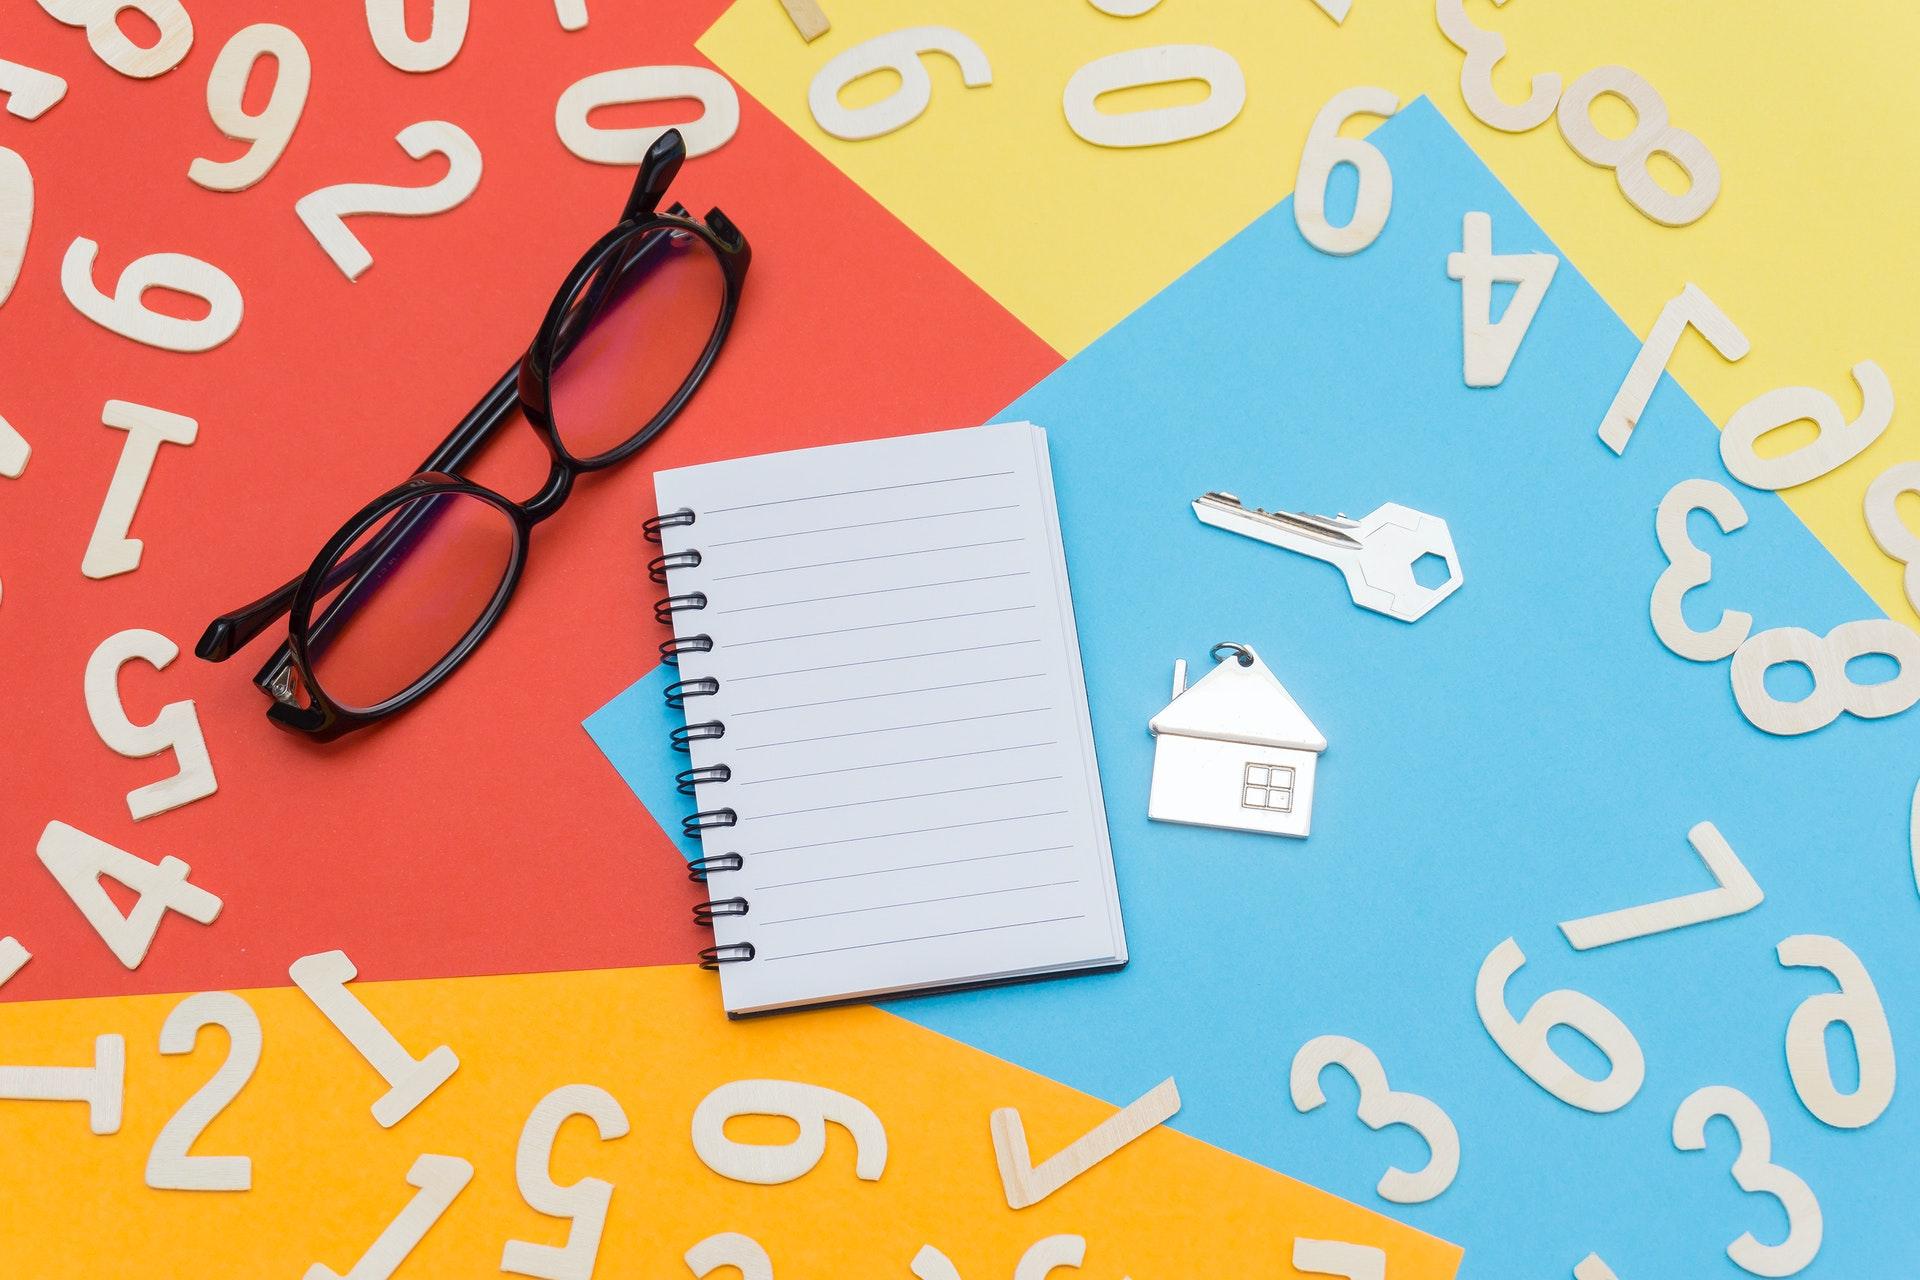 kladblok met bril, sleutel en sleutelhanger